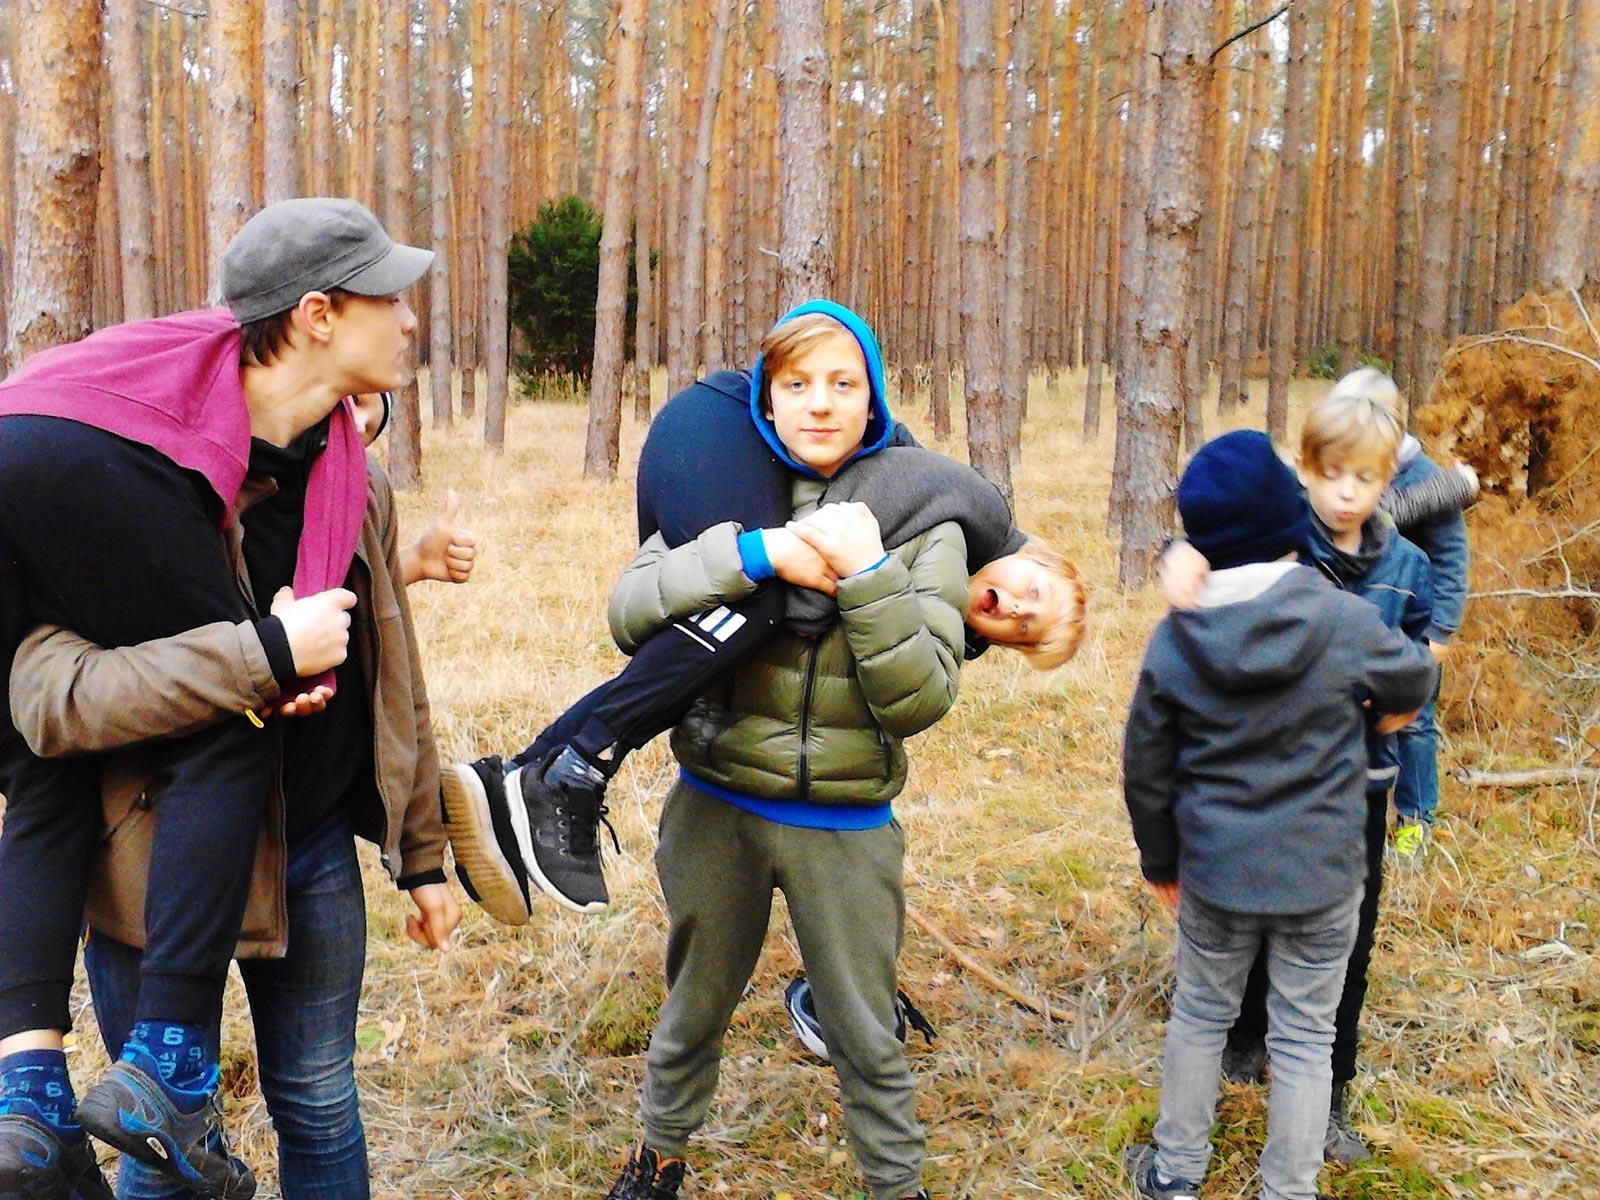 Erste Hilfe im Wald: Tragegriffe um Menschen zu bergen- Baooms, die Pfadfinder von Brück